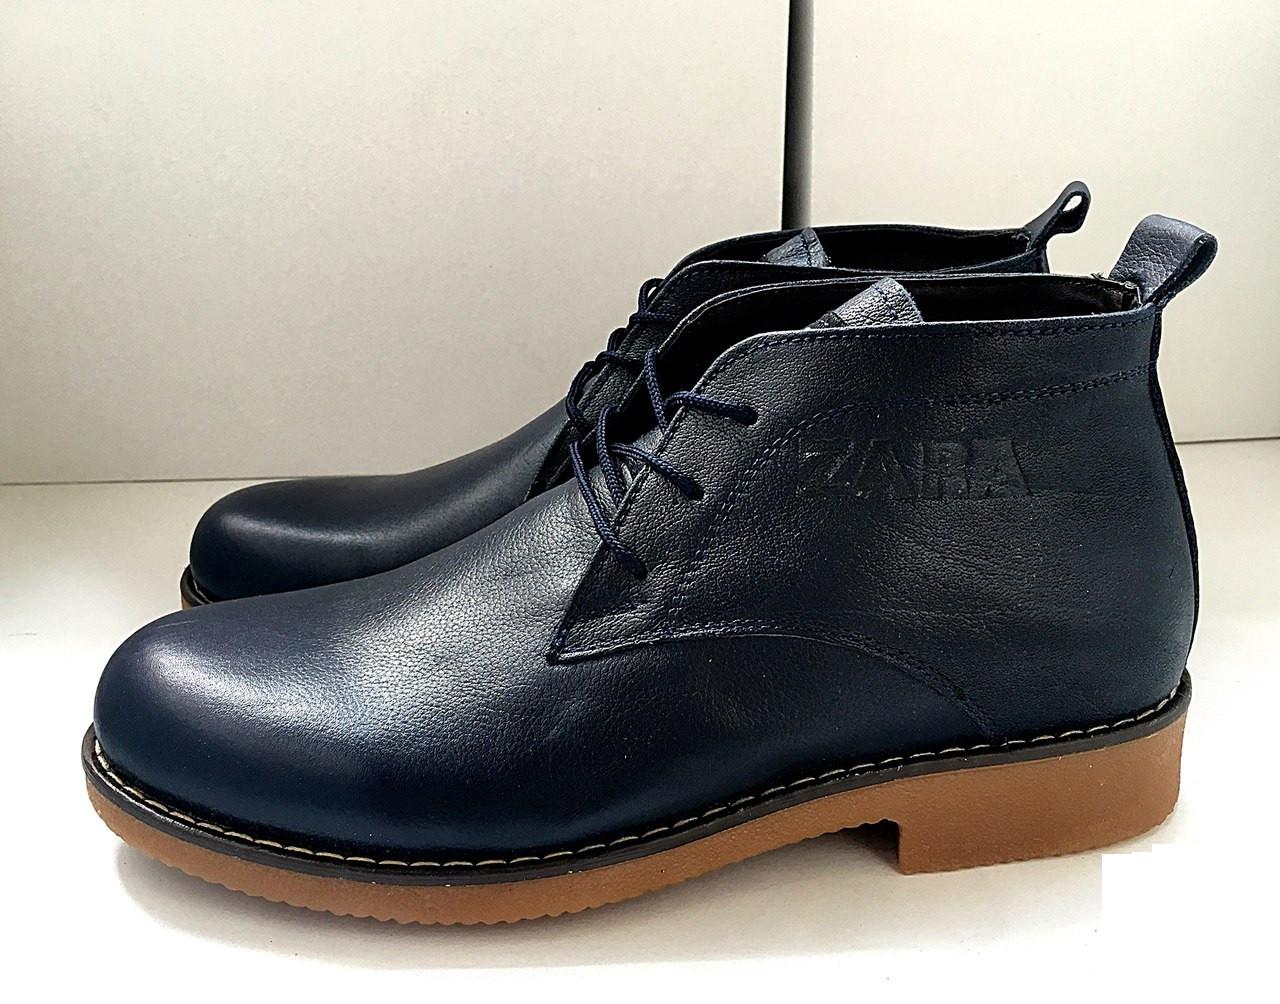 Мужские классические ботинки Zara темно-синие - Интернет-магазин обуви и одежды KedON в Киеве